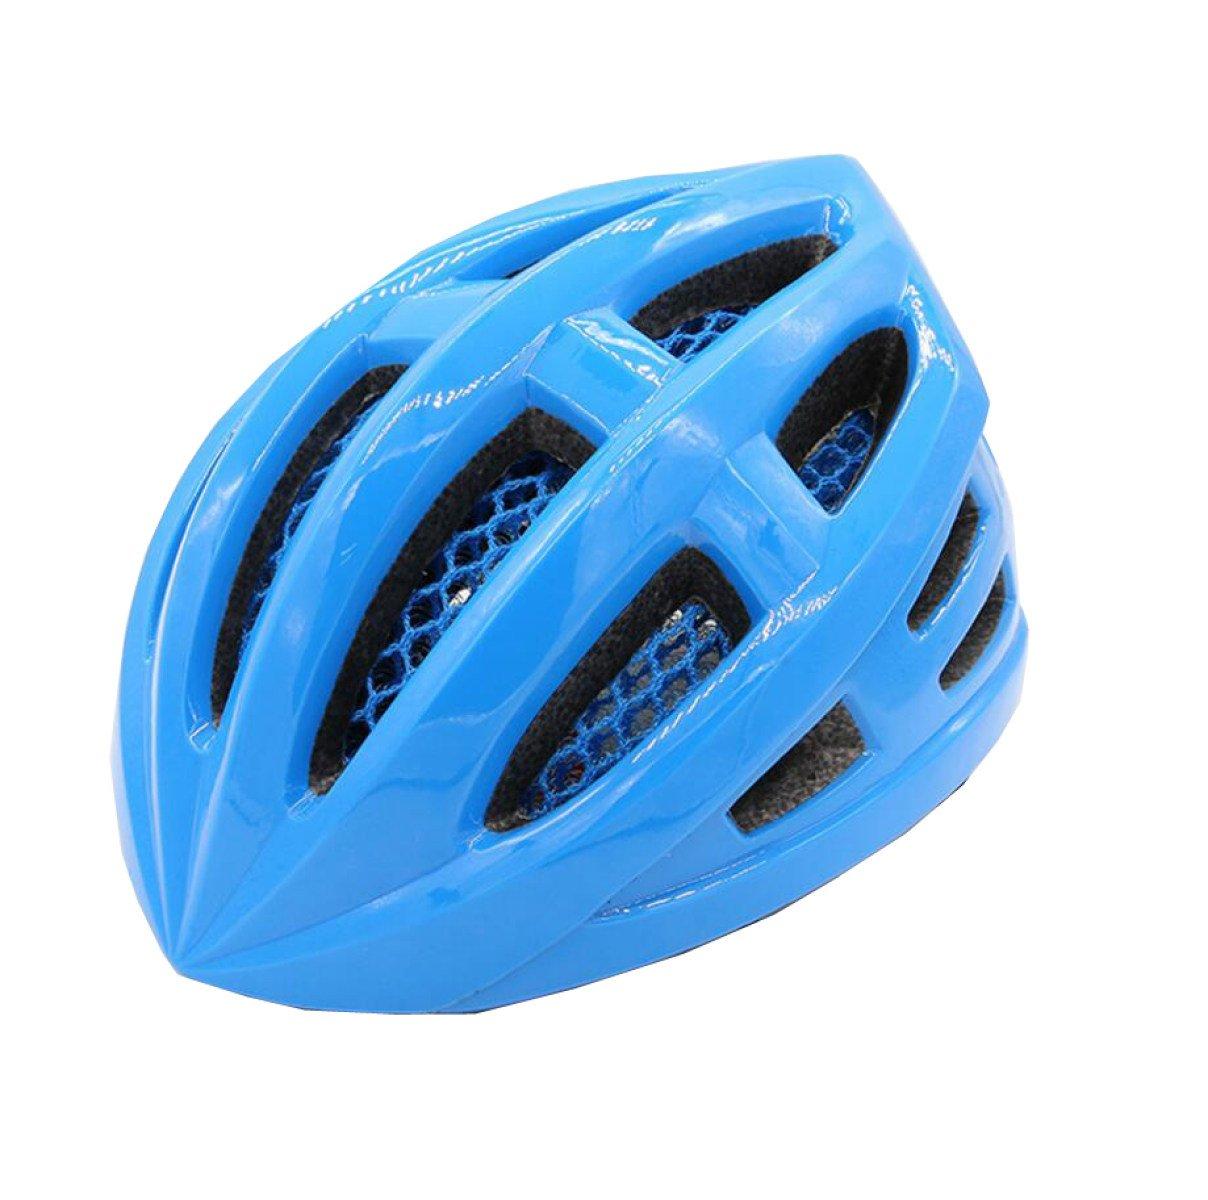 Reithelm Mountainbike Helm Helm Verstellbare Schutzhelm Sportliche Schutzausrüstung,Blau